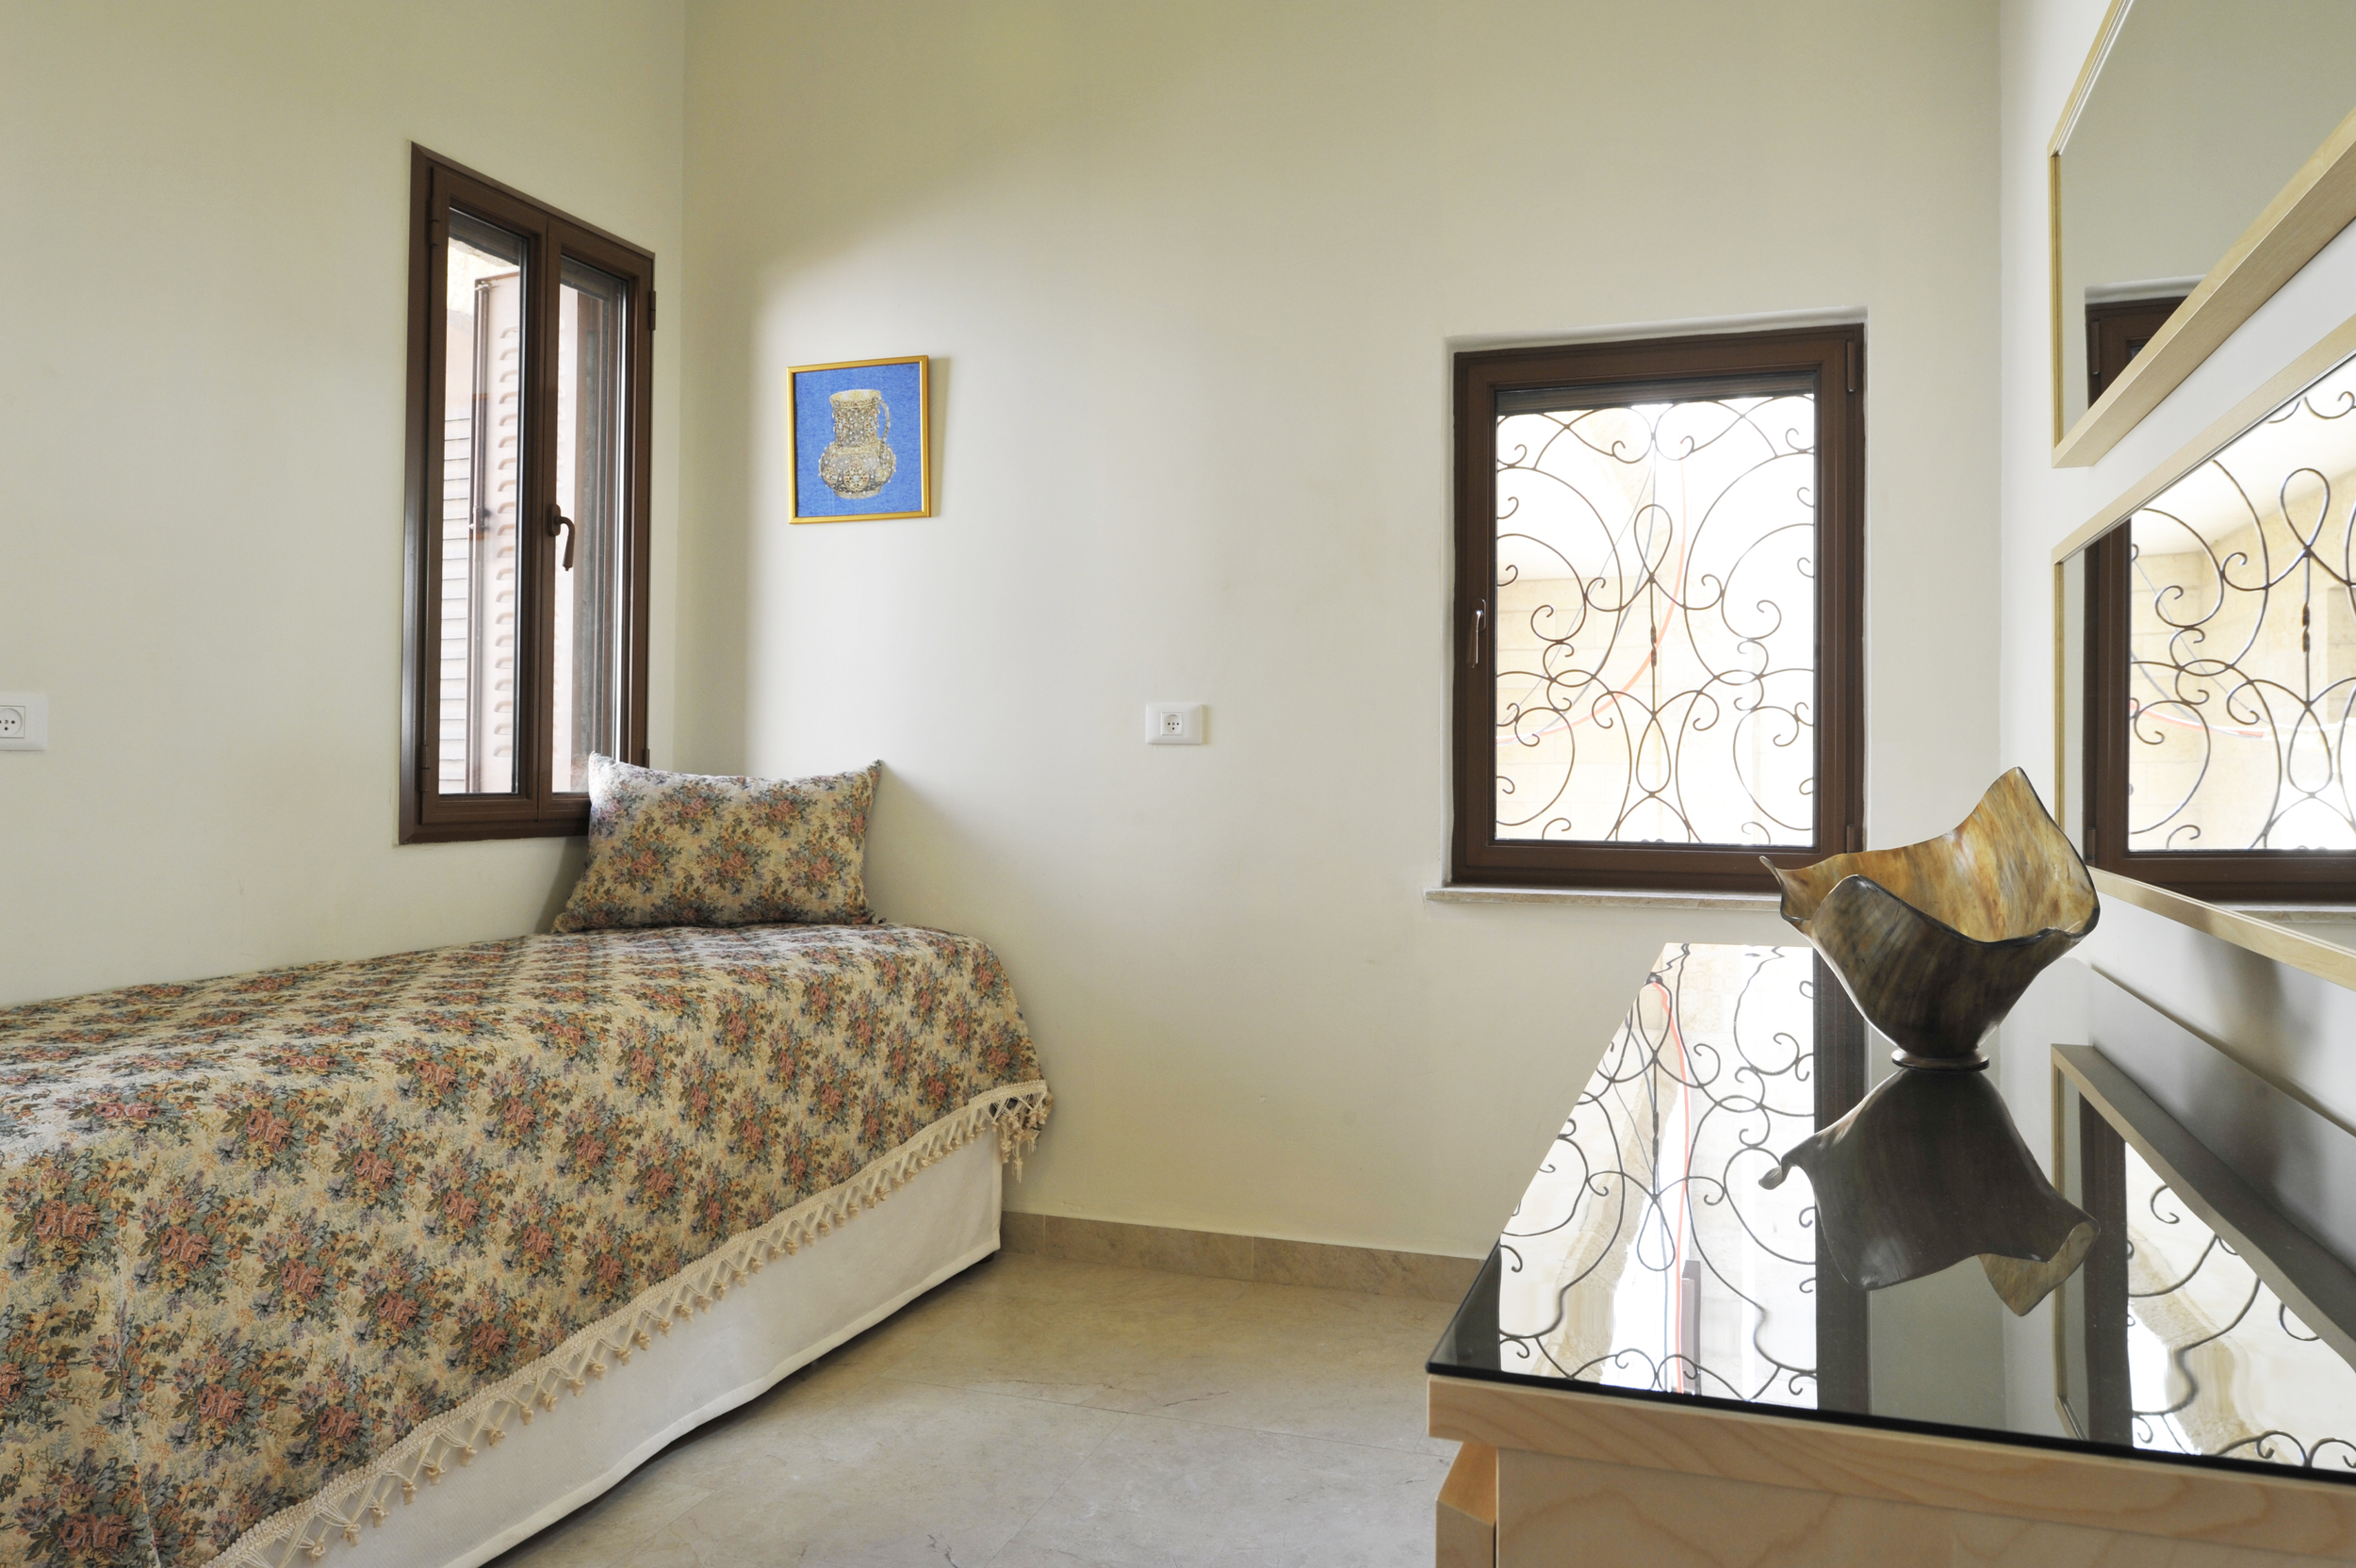 22 - Medium Bedroom.JPG